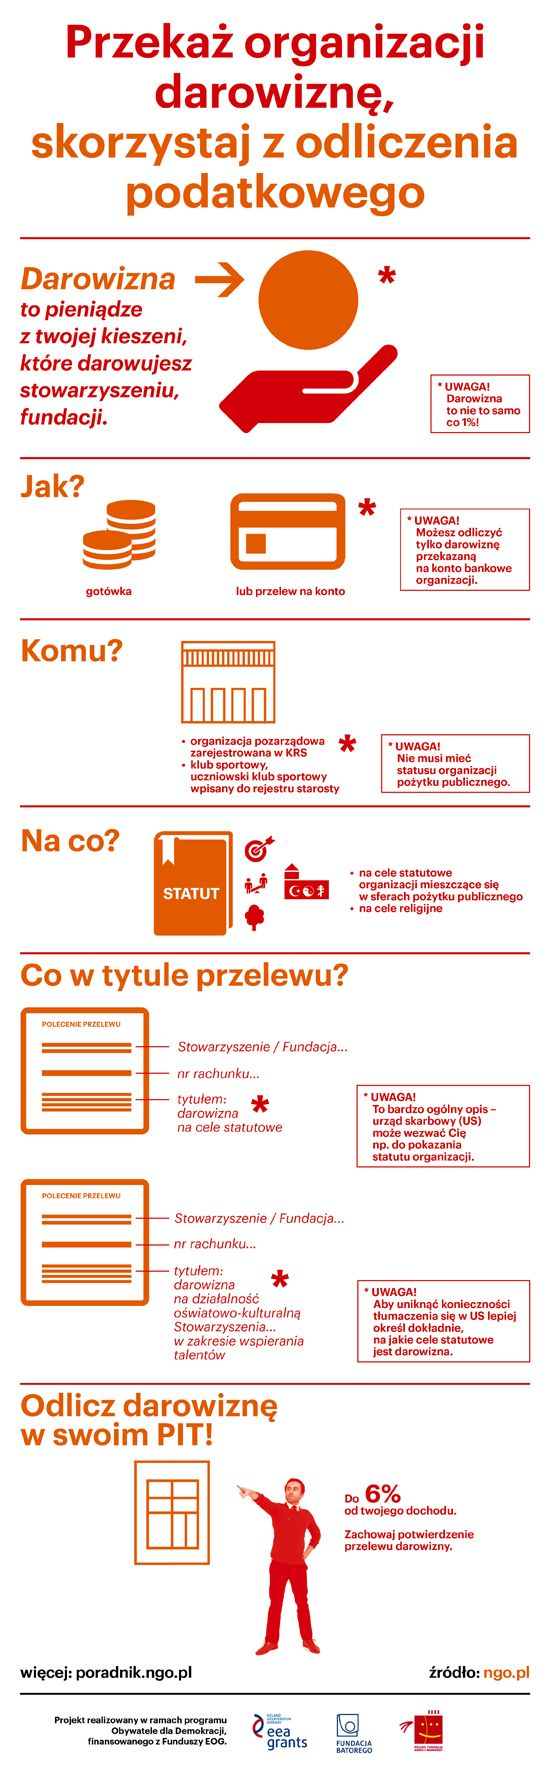 Przekaż NGO darowiznę, skorzystaj z odliczenia podatkowego - poradnik.ngo.pl